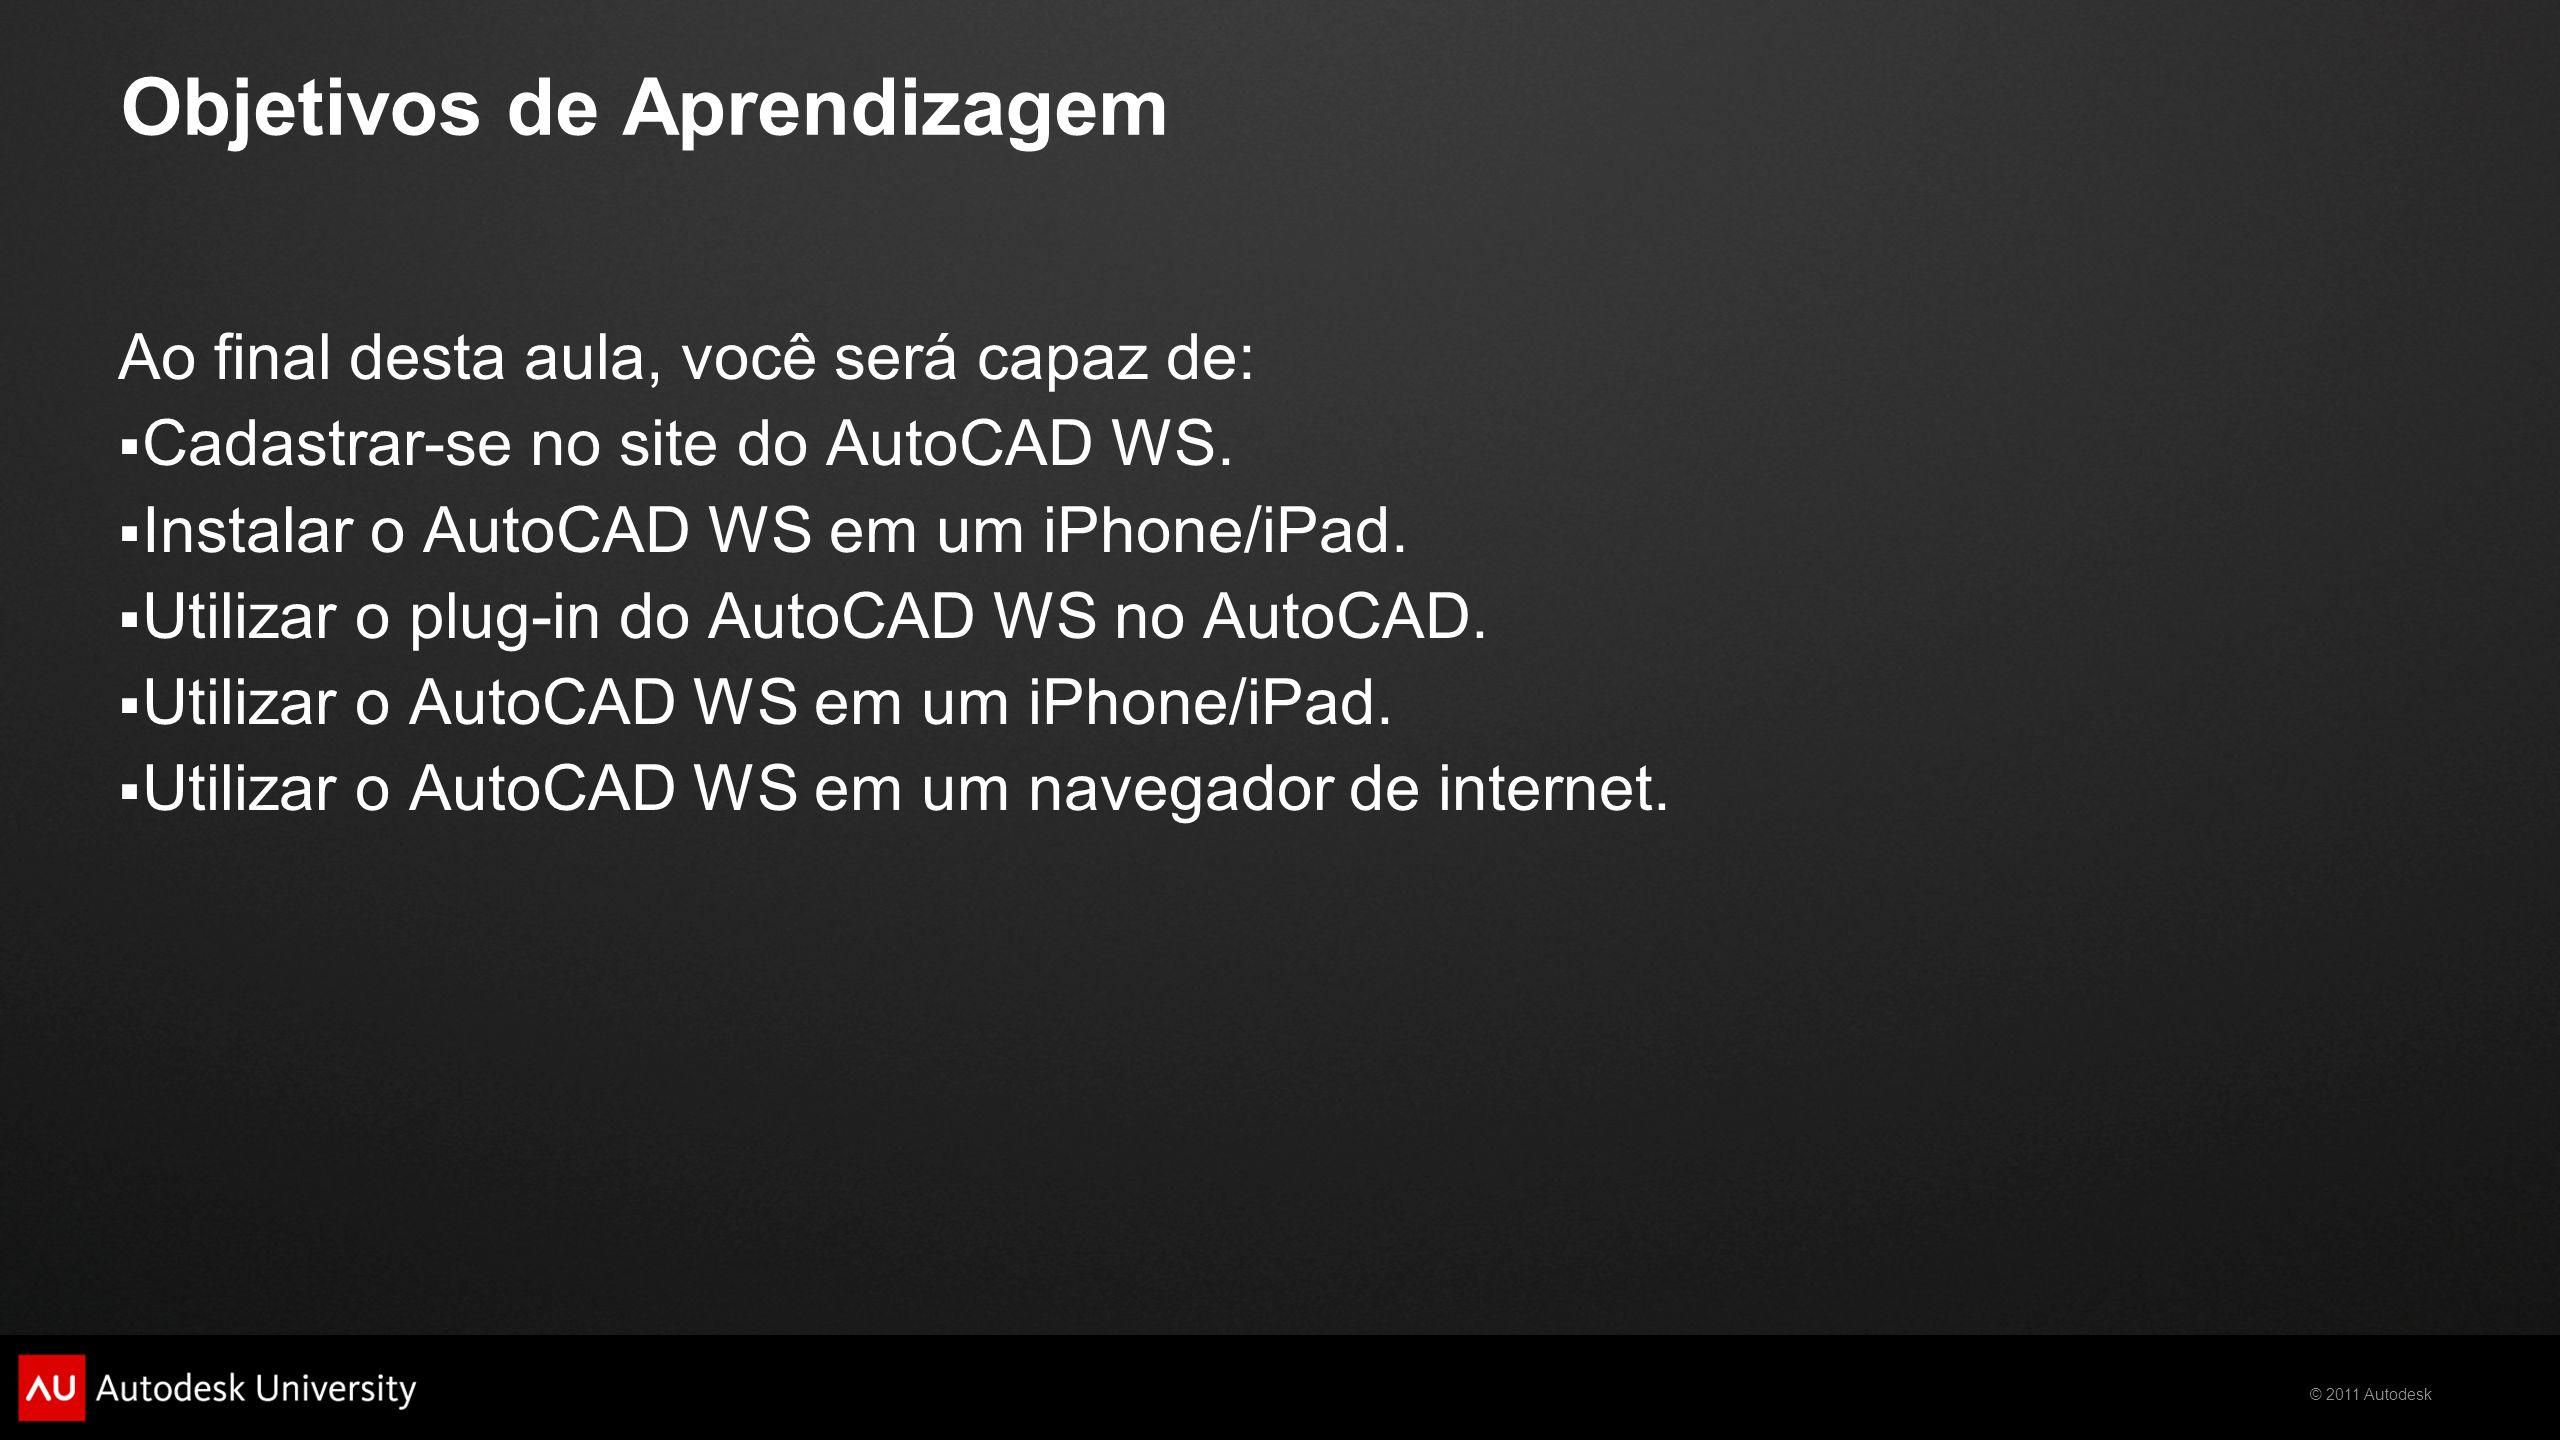 © 2011 Autodesk Objetivos de Aprendizagem Ao final desta aula, você será capaz de: Cadastrar-se no site do AutoCAD WS. Instalar o AutoCAD WS em um iPh